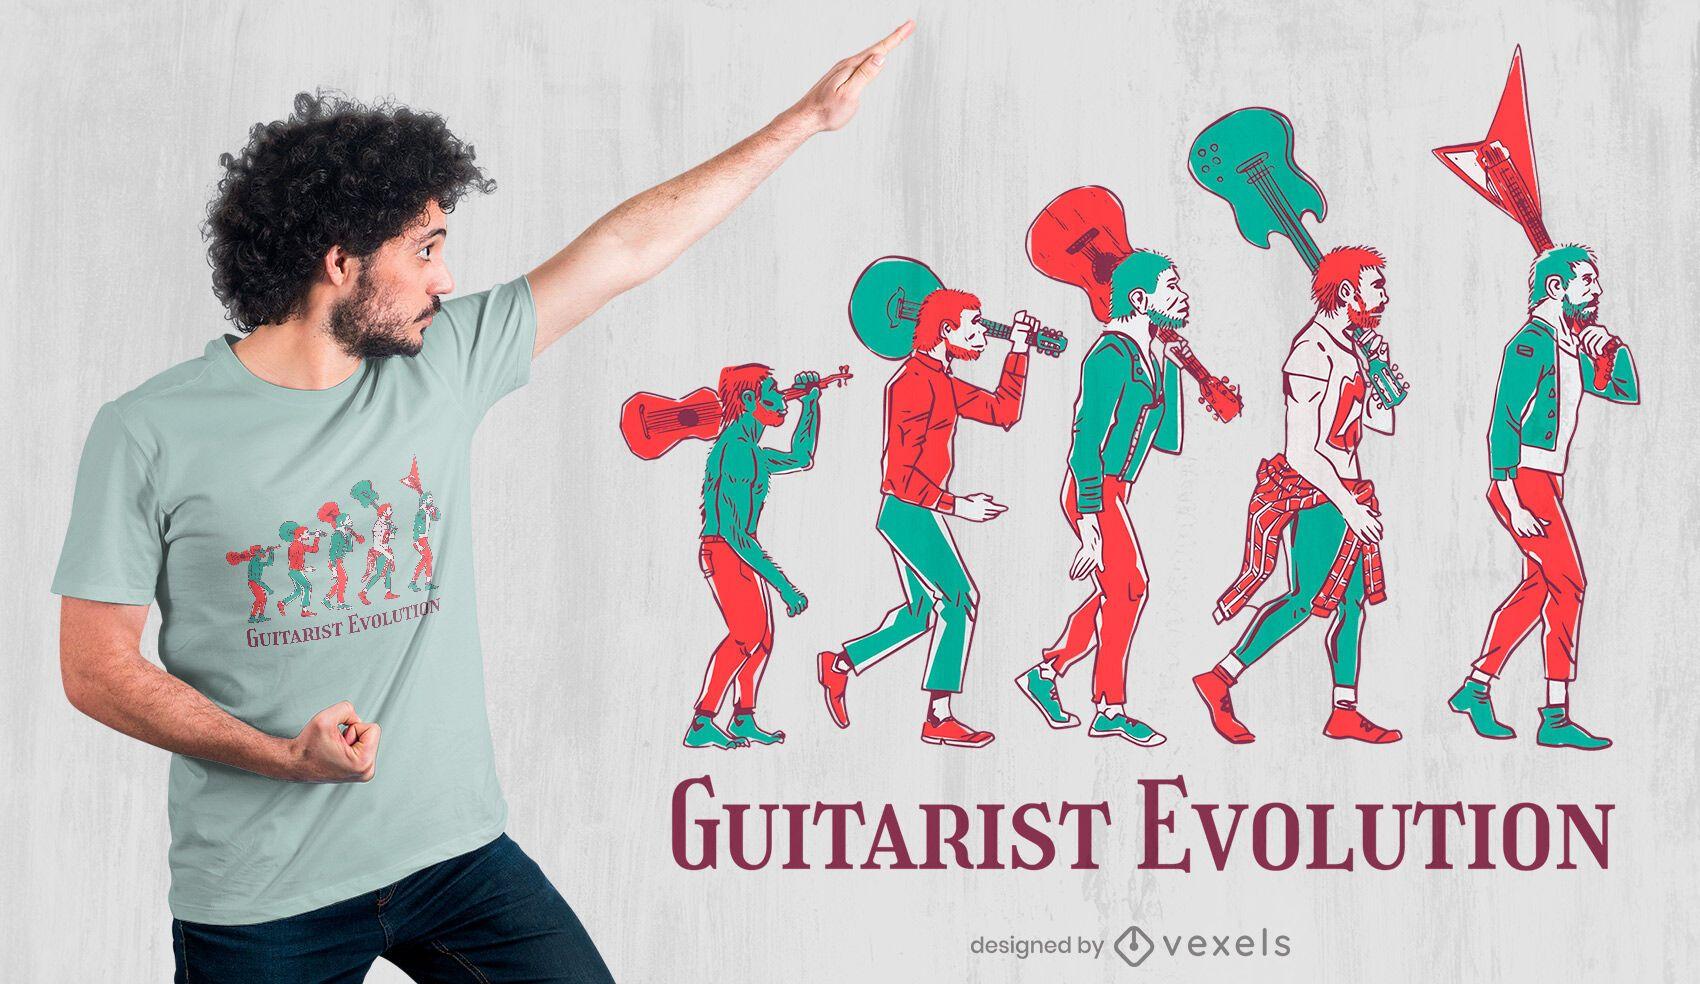 Dise?o de camiseta guitarrista evoluci?n.